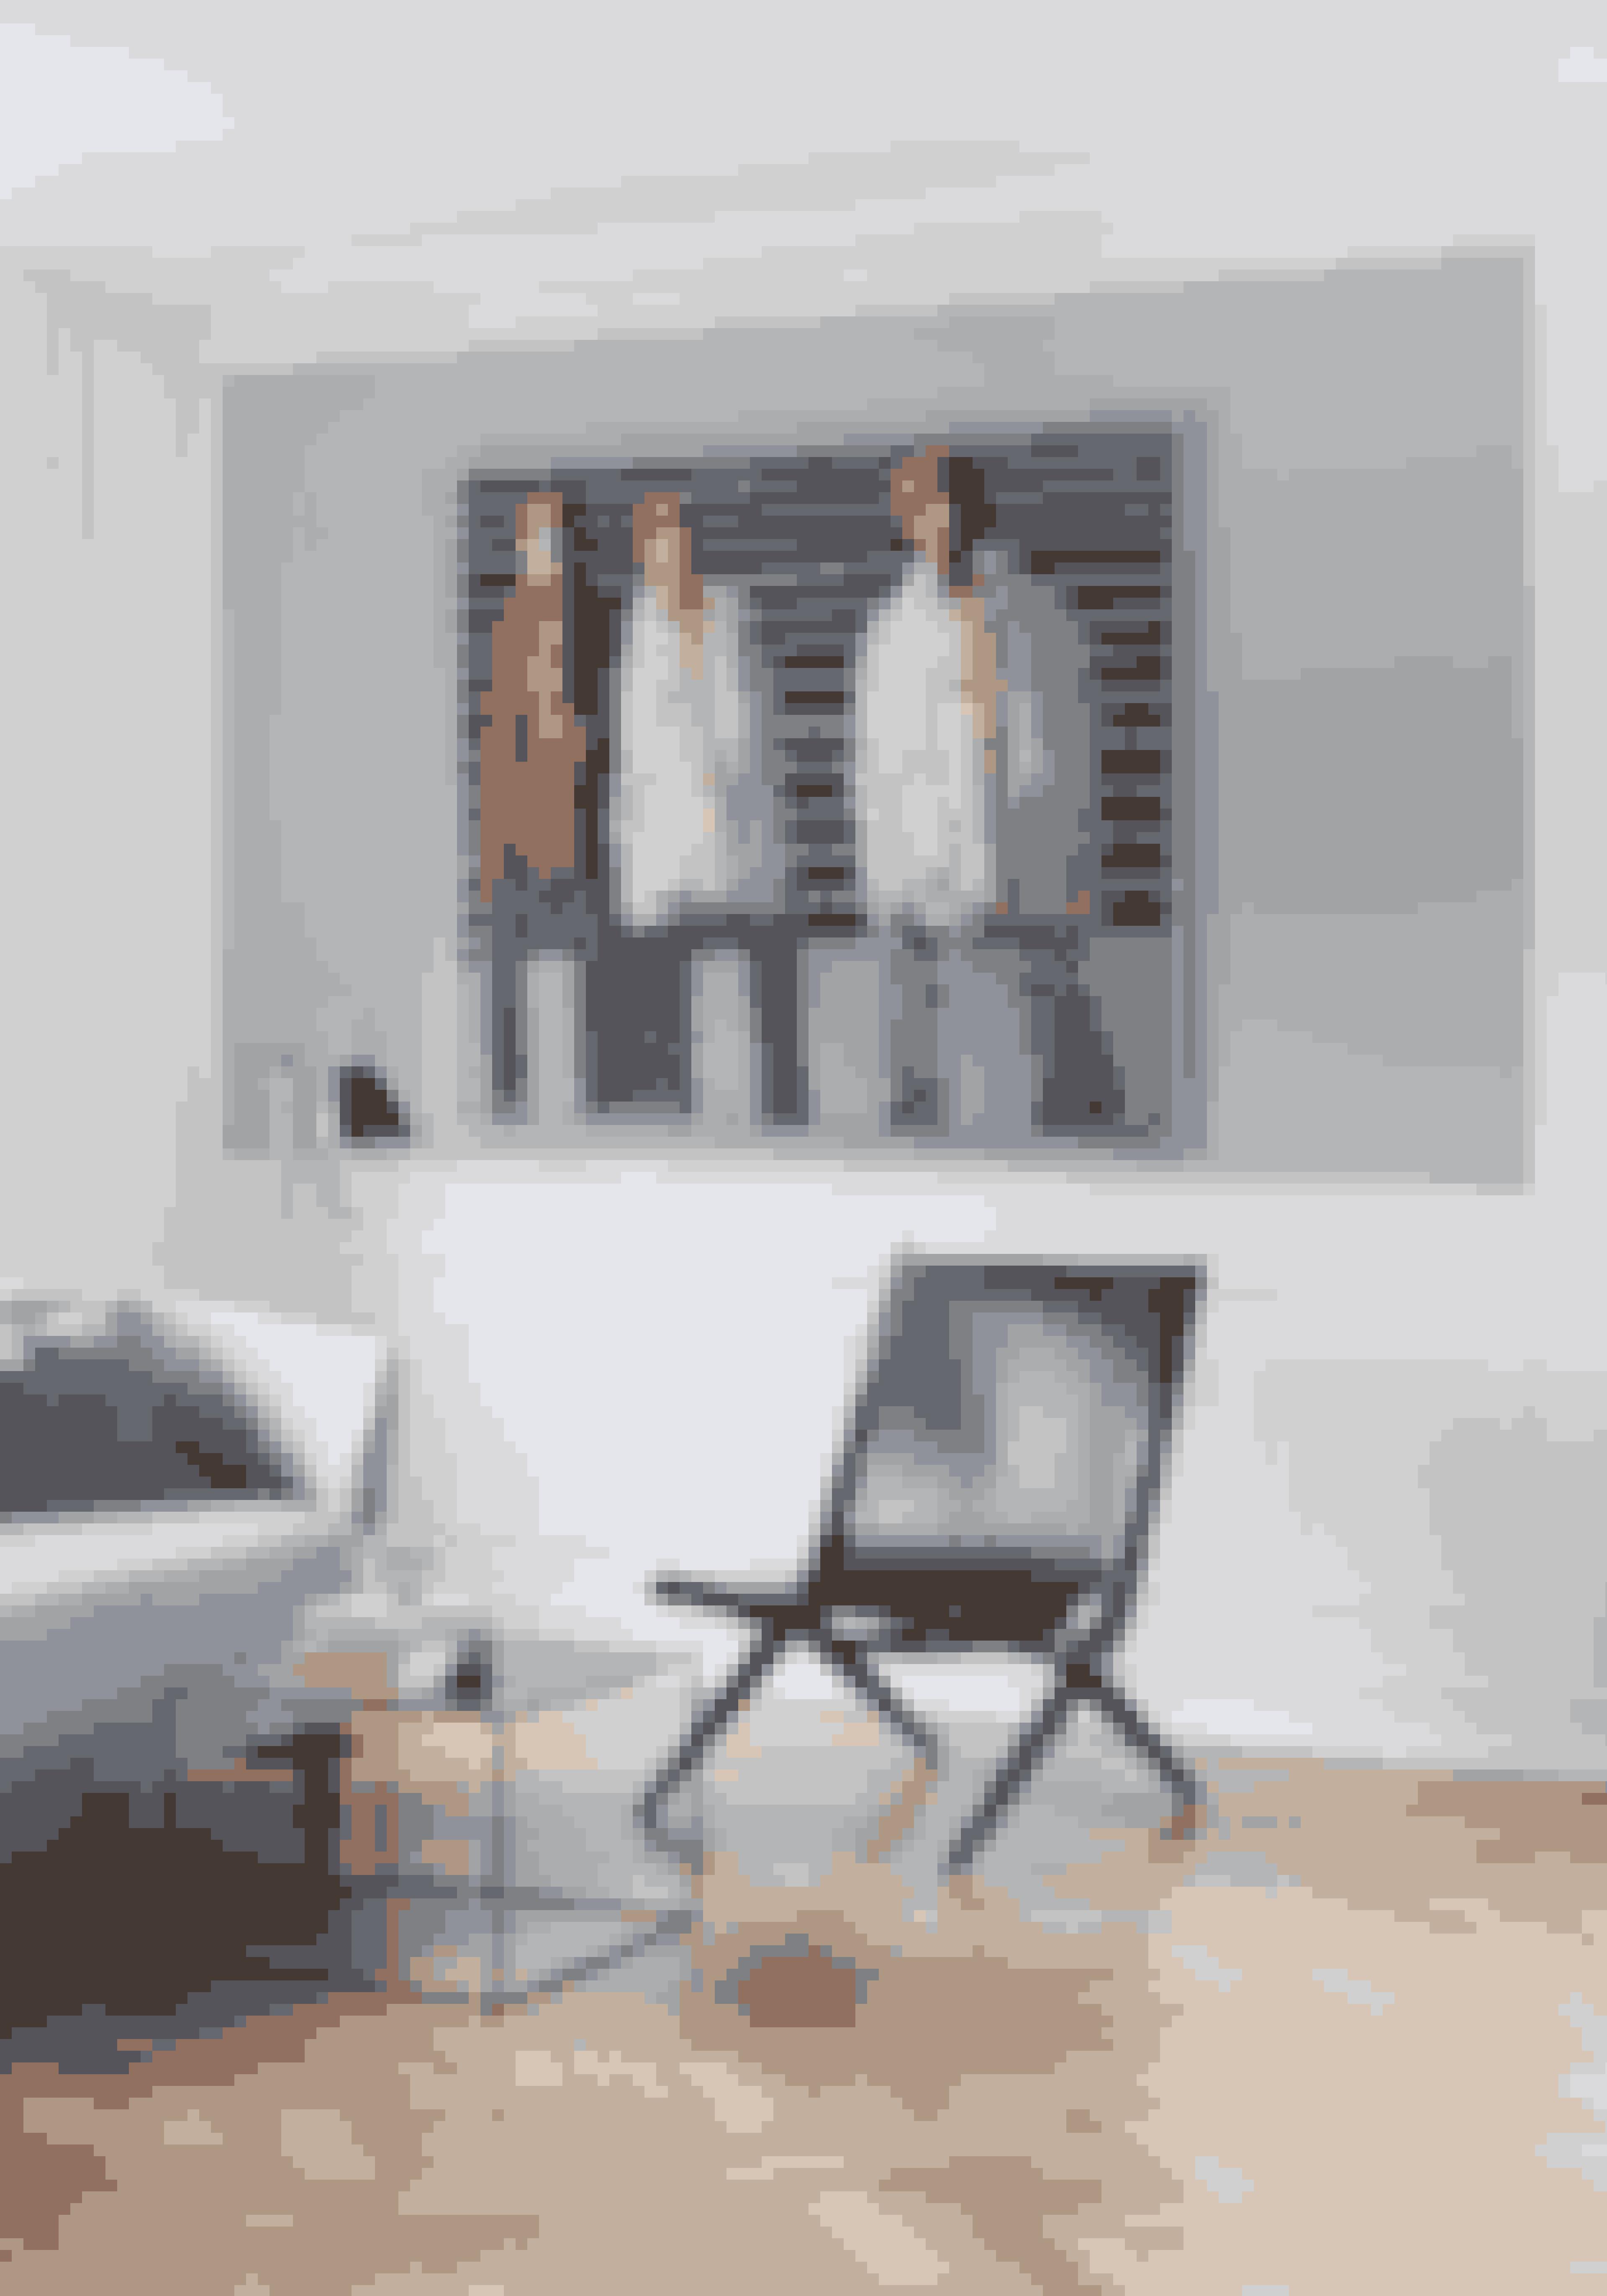 Vil du give din konservative stil kant og karakter uden at gå på kompromis med de klassiske møbler, så overvej kunst, der skiller sig ud og dominerer på væggene. Maleriet er af Johnny Madsen.